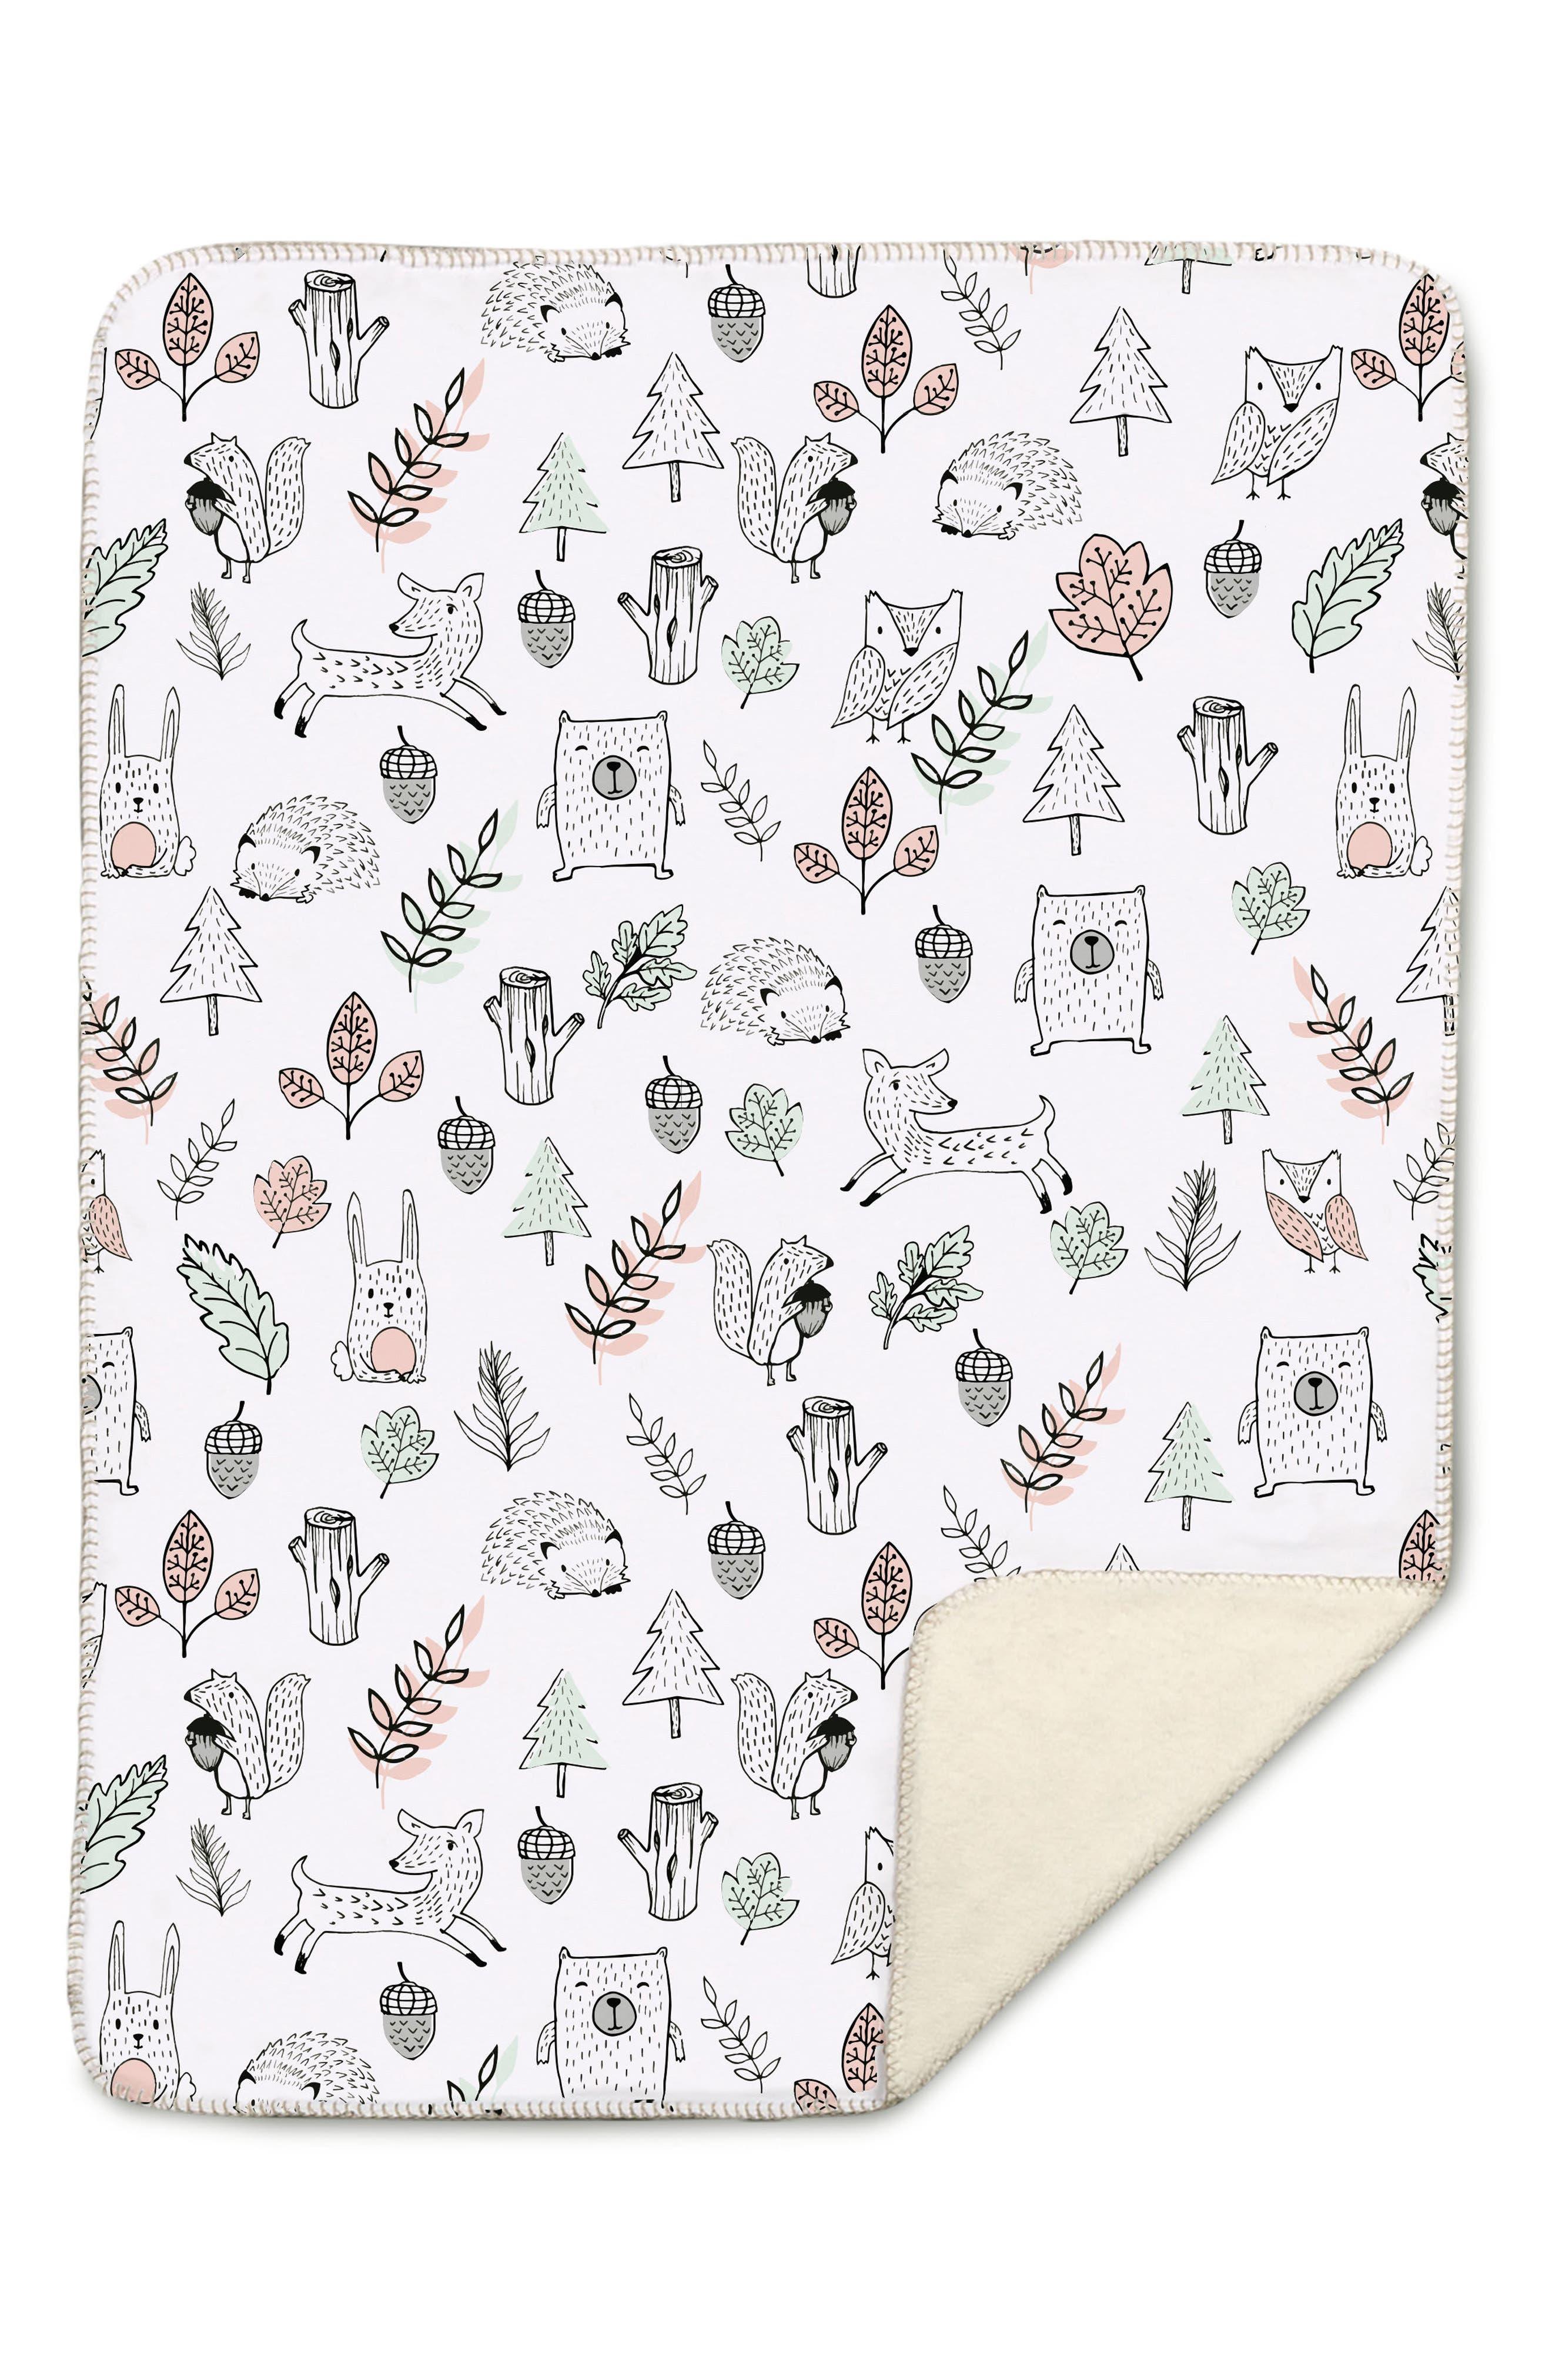 Alternate Image 1 Selected - Living Textiles Kayden Woodlands Blanket